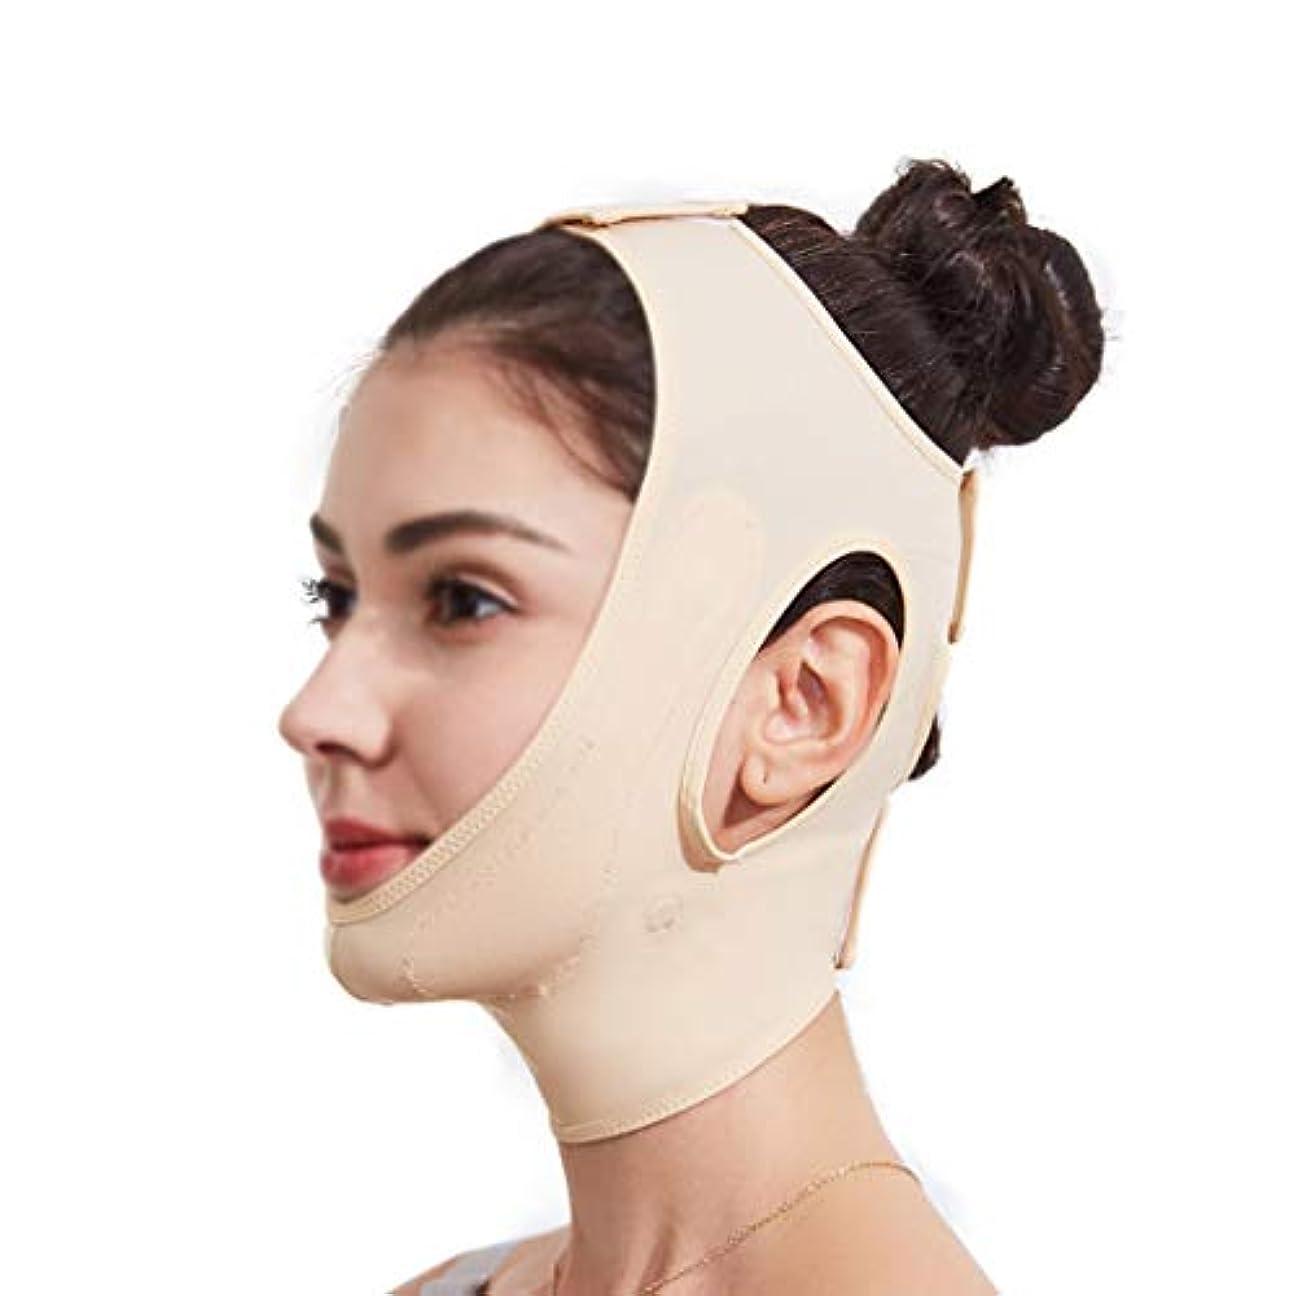 地上で郵便局協力するXHLMRMJ フェイスリフティングマスク、360°オールラウンドリフティングフェイシャル輪郭、あごを閉じて肌を引き締め、快適でフェイスライトをサポートし、通気性 (Size : Skin color)